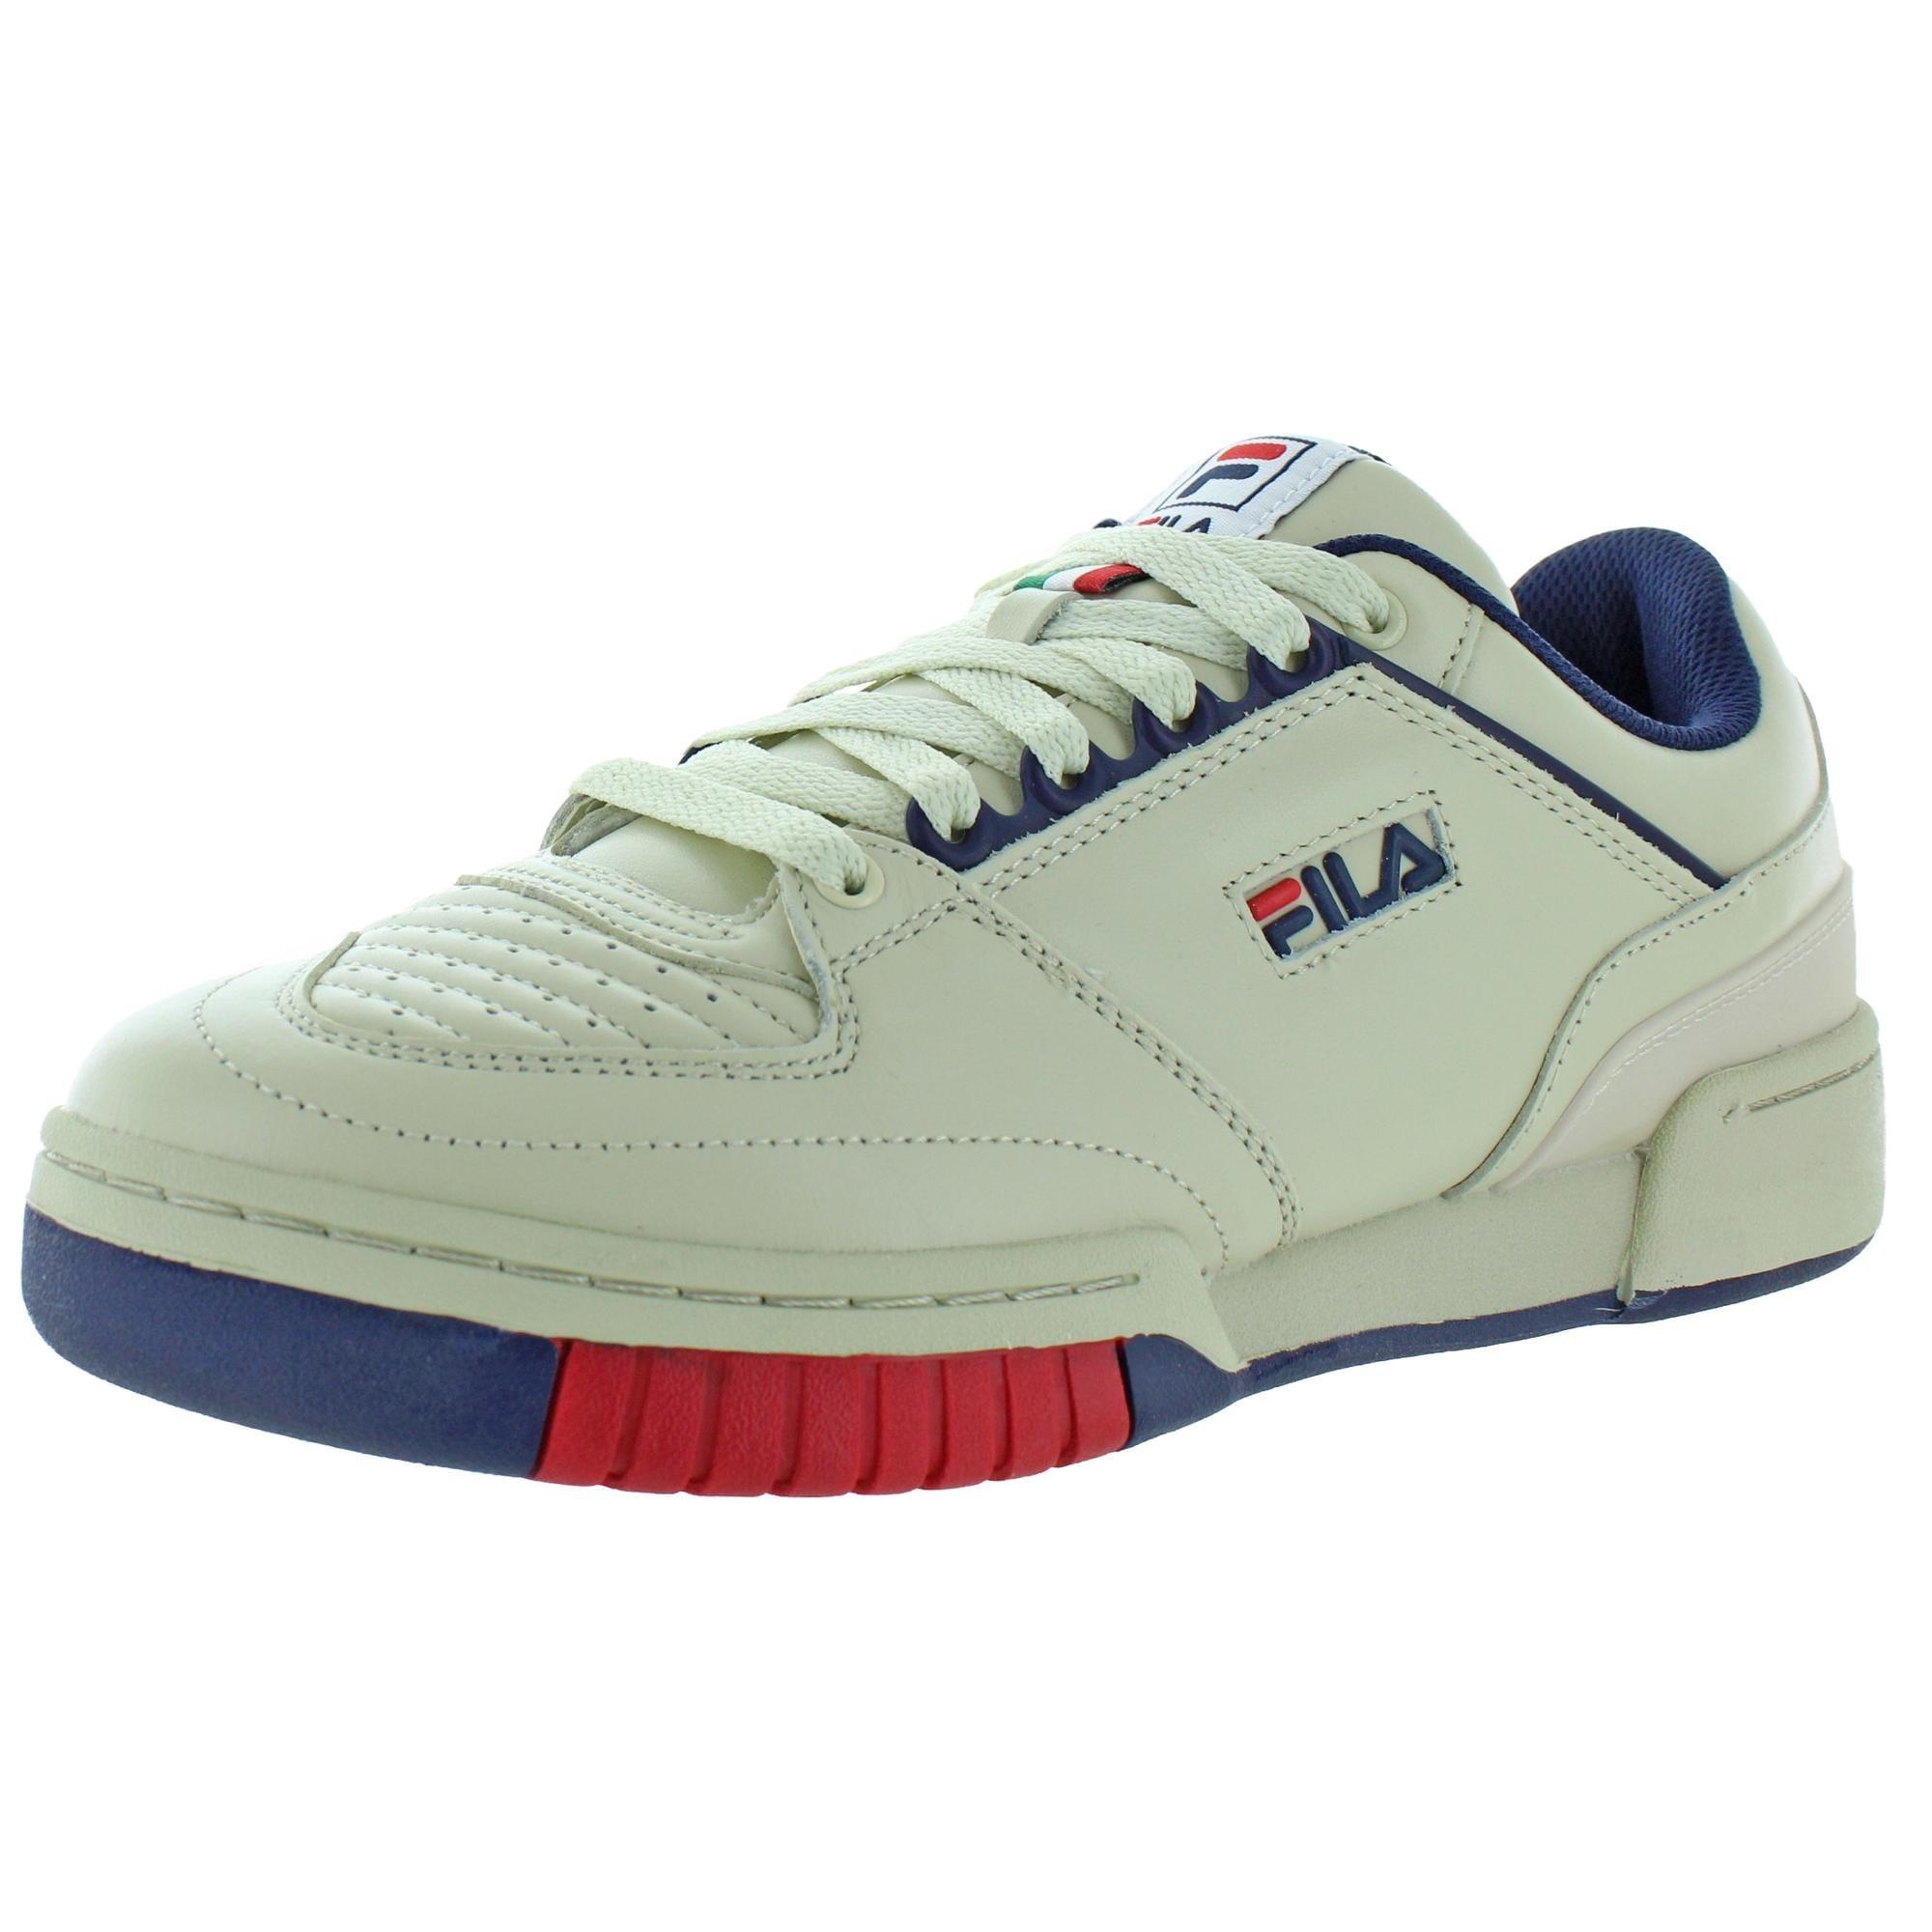 Fila Mens Targa Sneakers Trainers Low